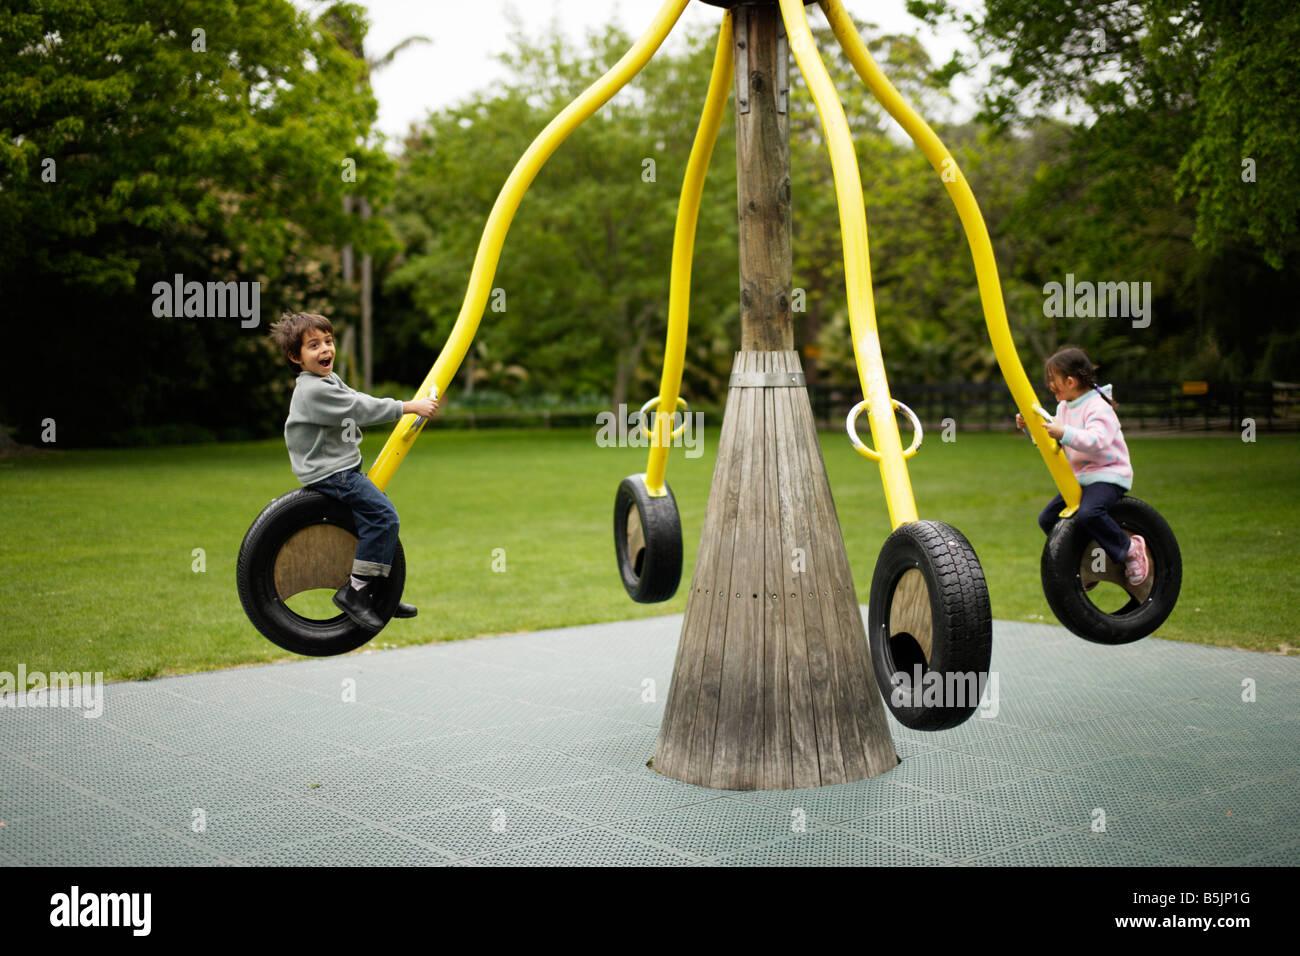 Six ans joue dans l'aire de jeux avec sa sœur, âgée de cinq ans Banque D'Images